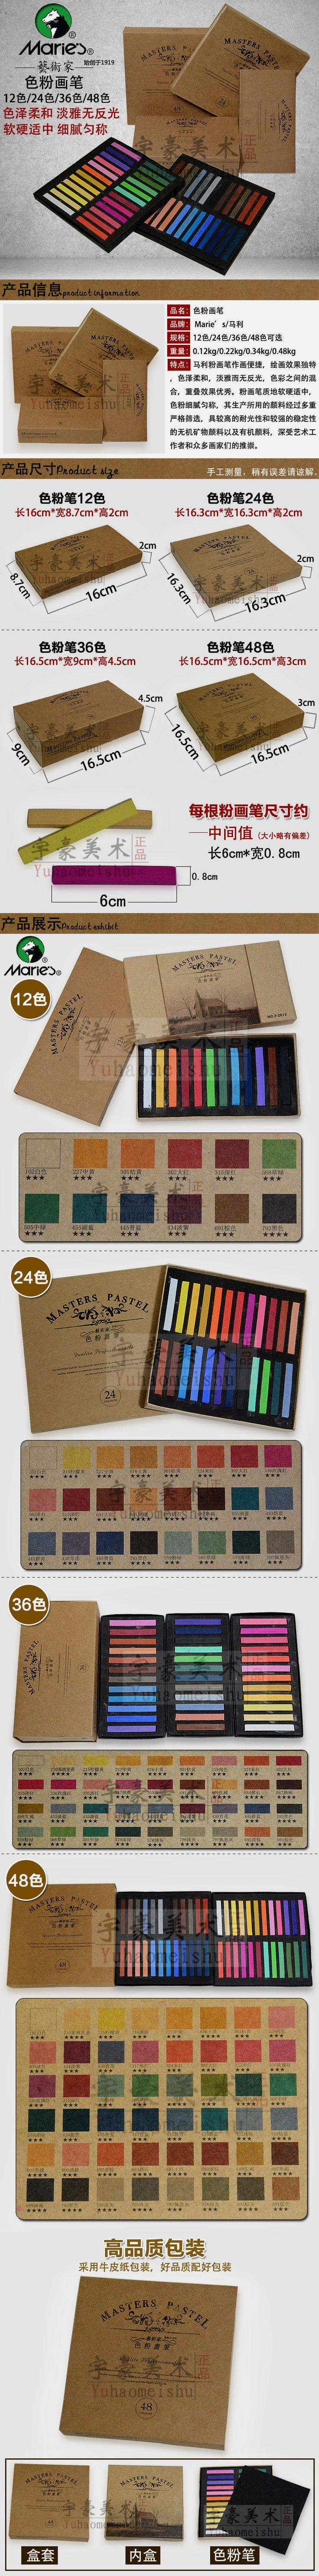 Marley мел 12 цвет 24 цвет 36 цветной 48-цветной высококачественной тонер кисти порошок окрашенные волосы палкой окрашены палкой - Taobao